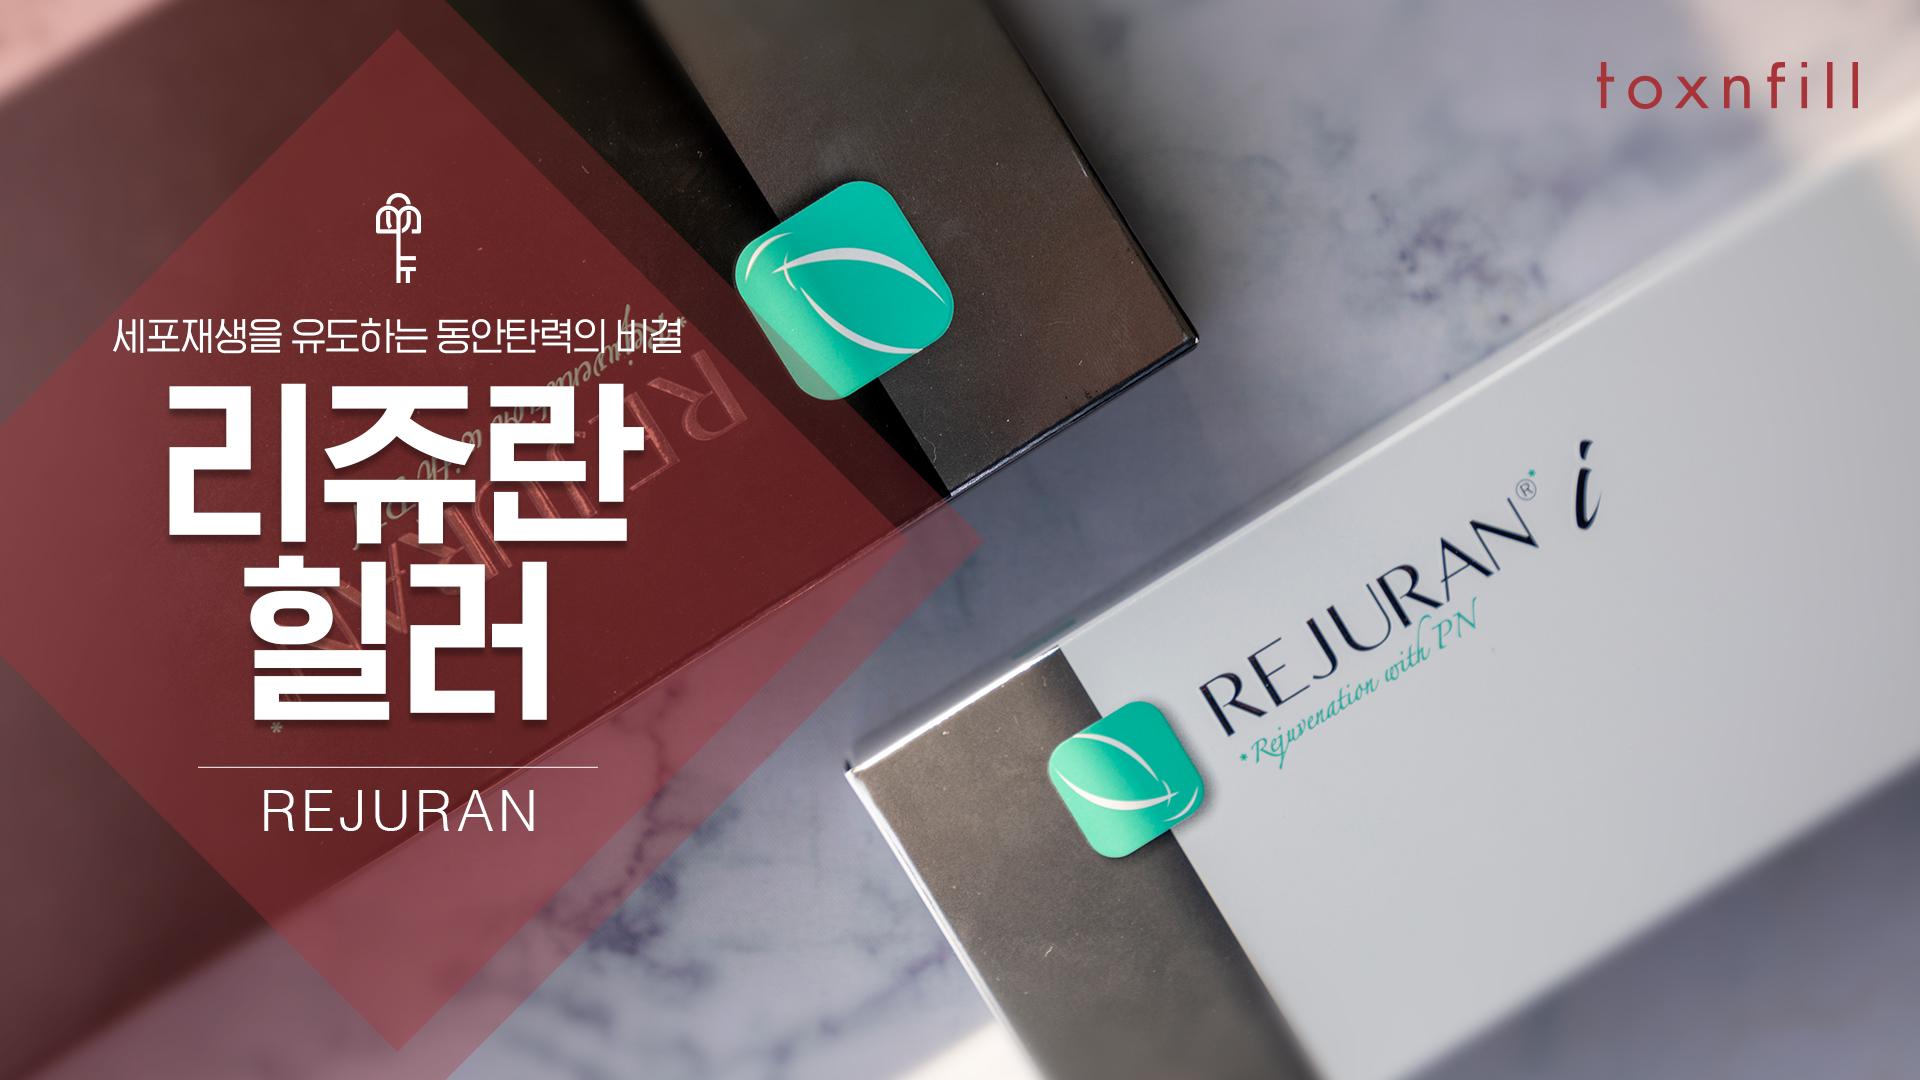 [해피아워 이벤트] 리쥬란 힐러